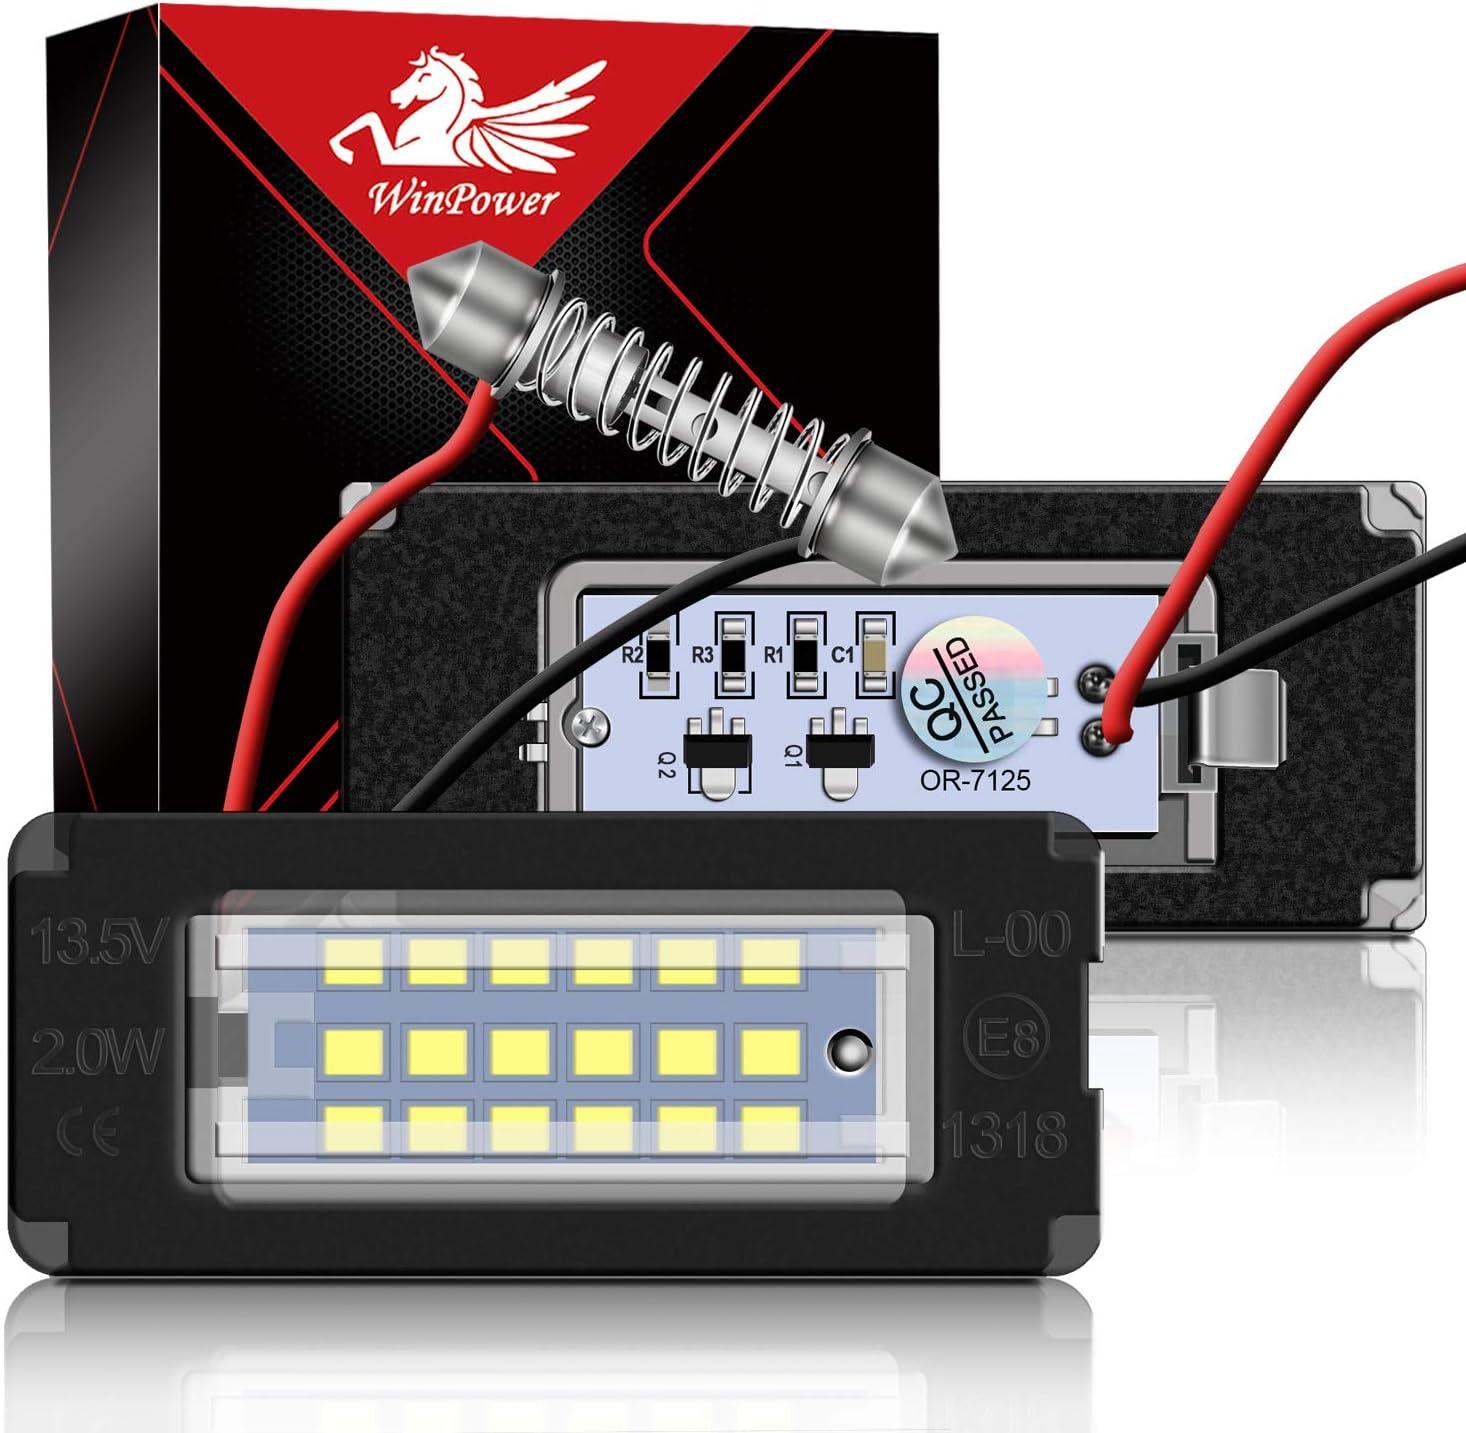 WinPower LED Kennzeichenbeleuchtung Gl/ühbirnen Nummernschildbeleuchtung Lampe 3582 SMD mit CanBus Fehlerfrei 6000K Xenon kaltwei/ß f/ür 2000-2007 C-Klasse W203 4-T/ürer Limousine usw 2 St/ücke